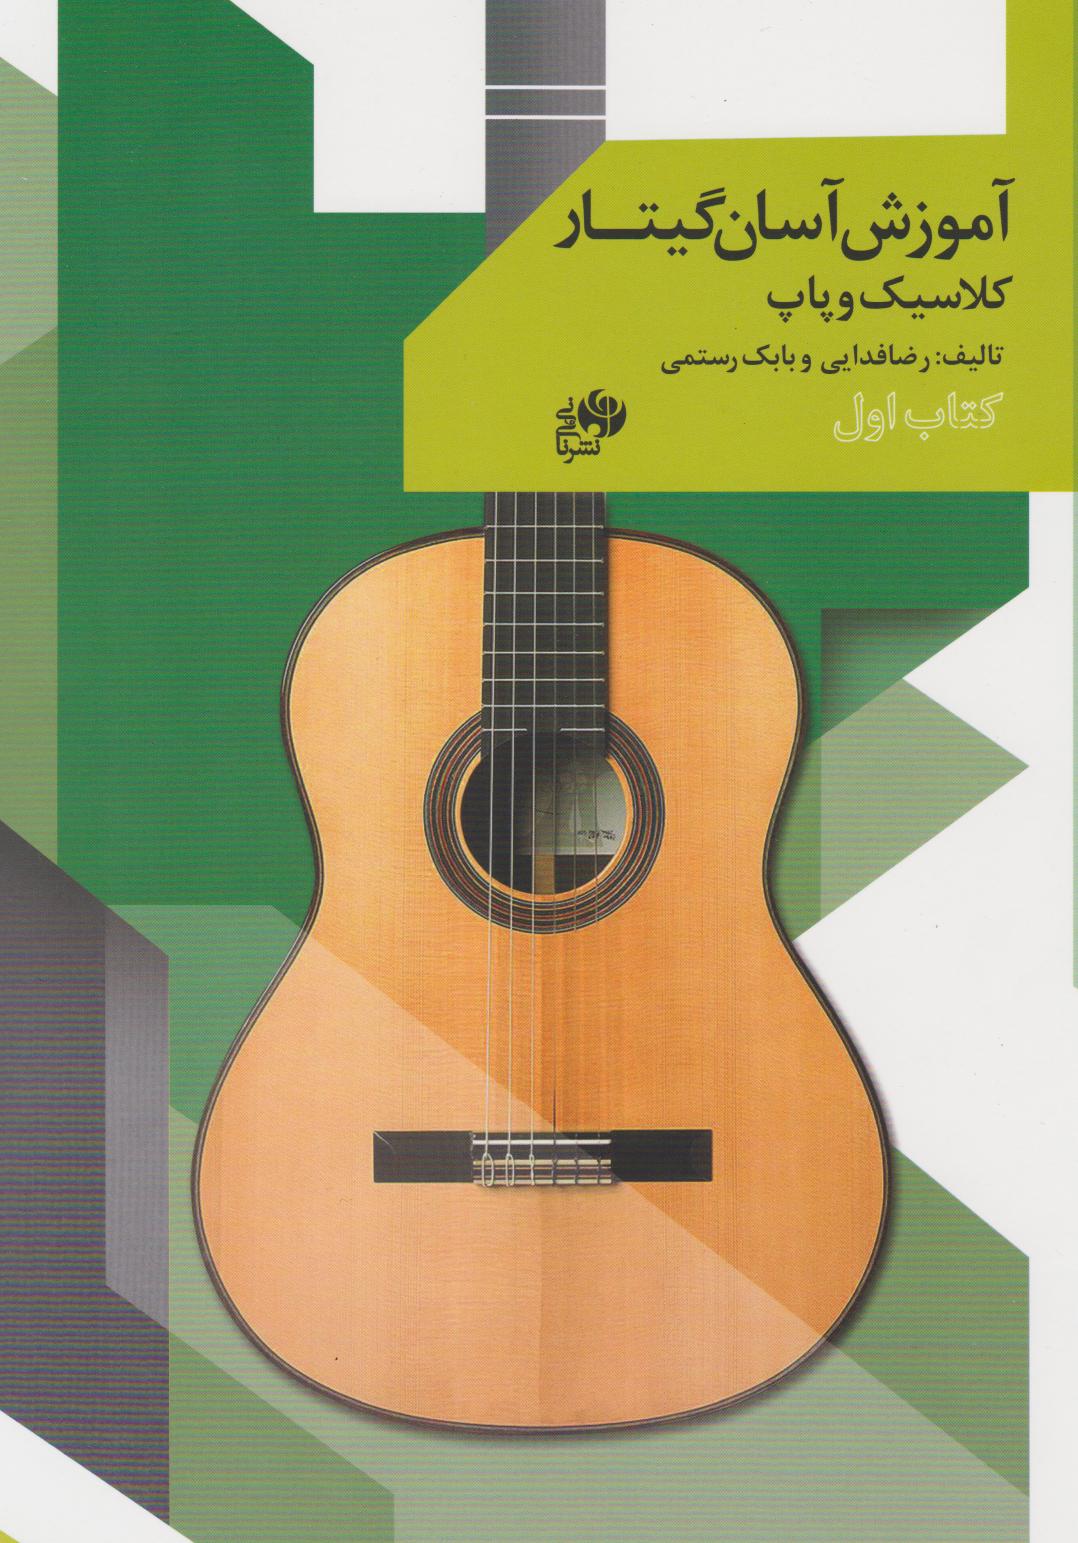 کتاب اول آموزش آسان گیتار کلاسیک و پاپ رضا فدایی و بابک رستمی انتشارات نایونی